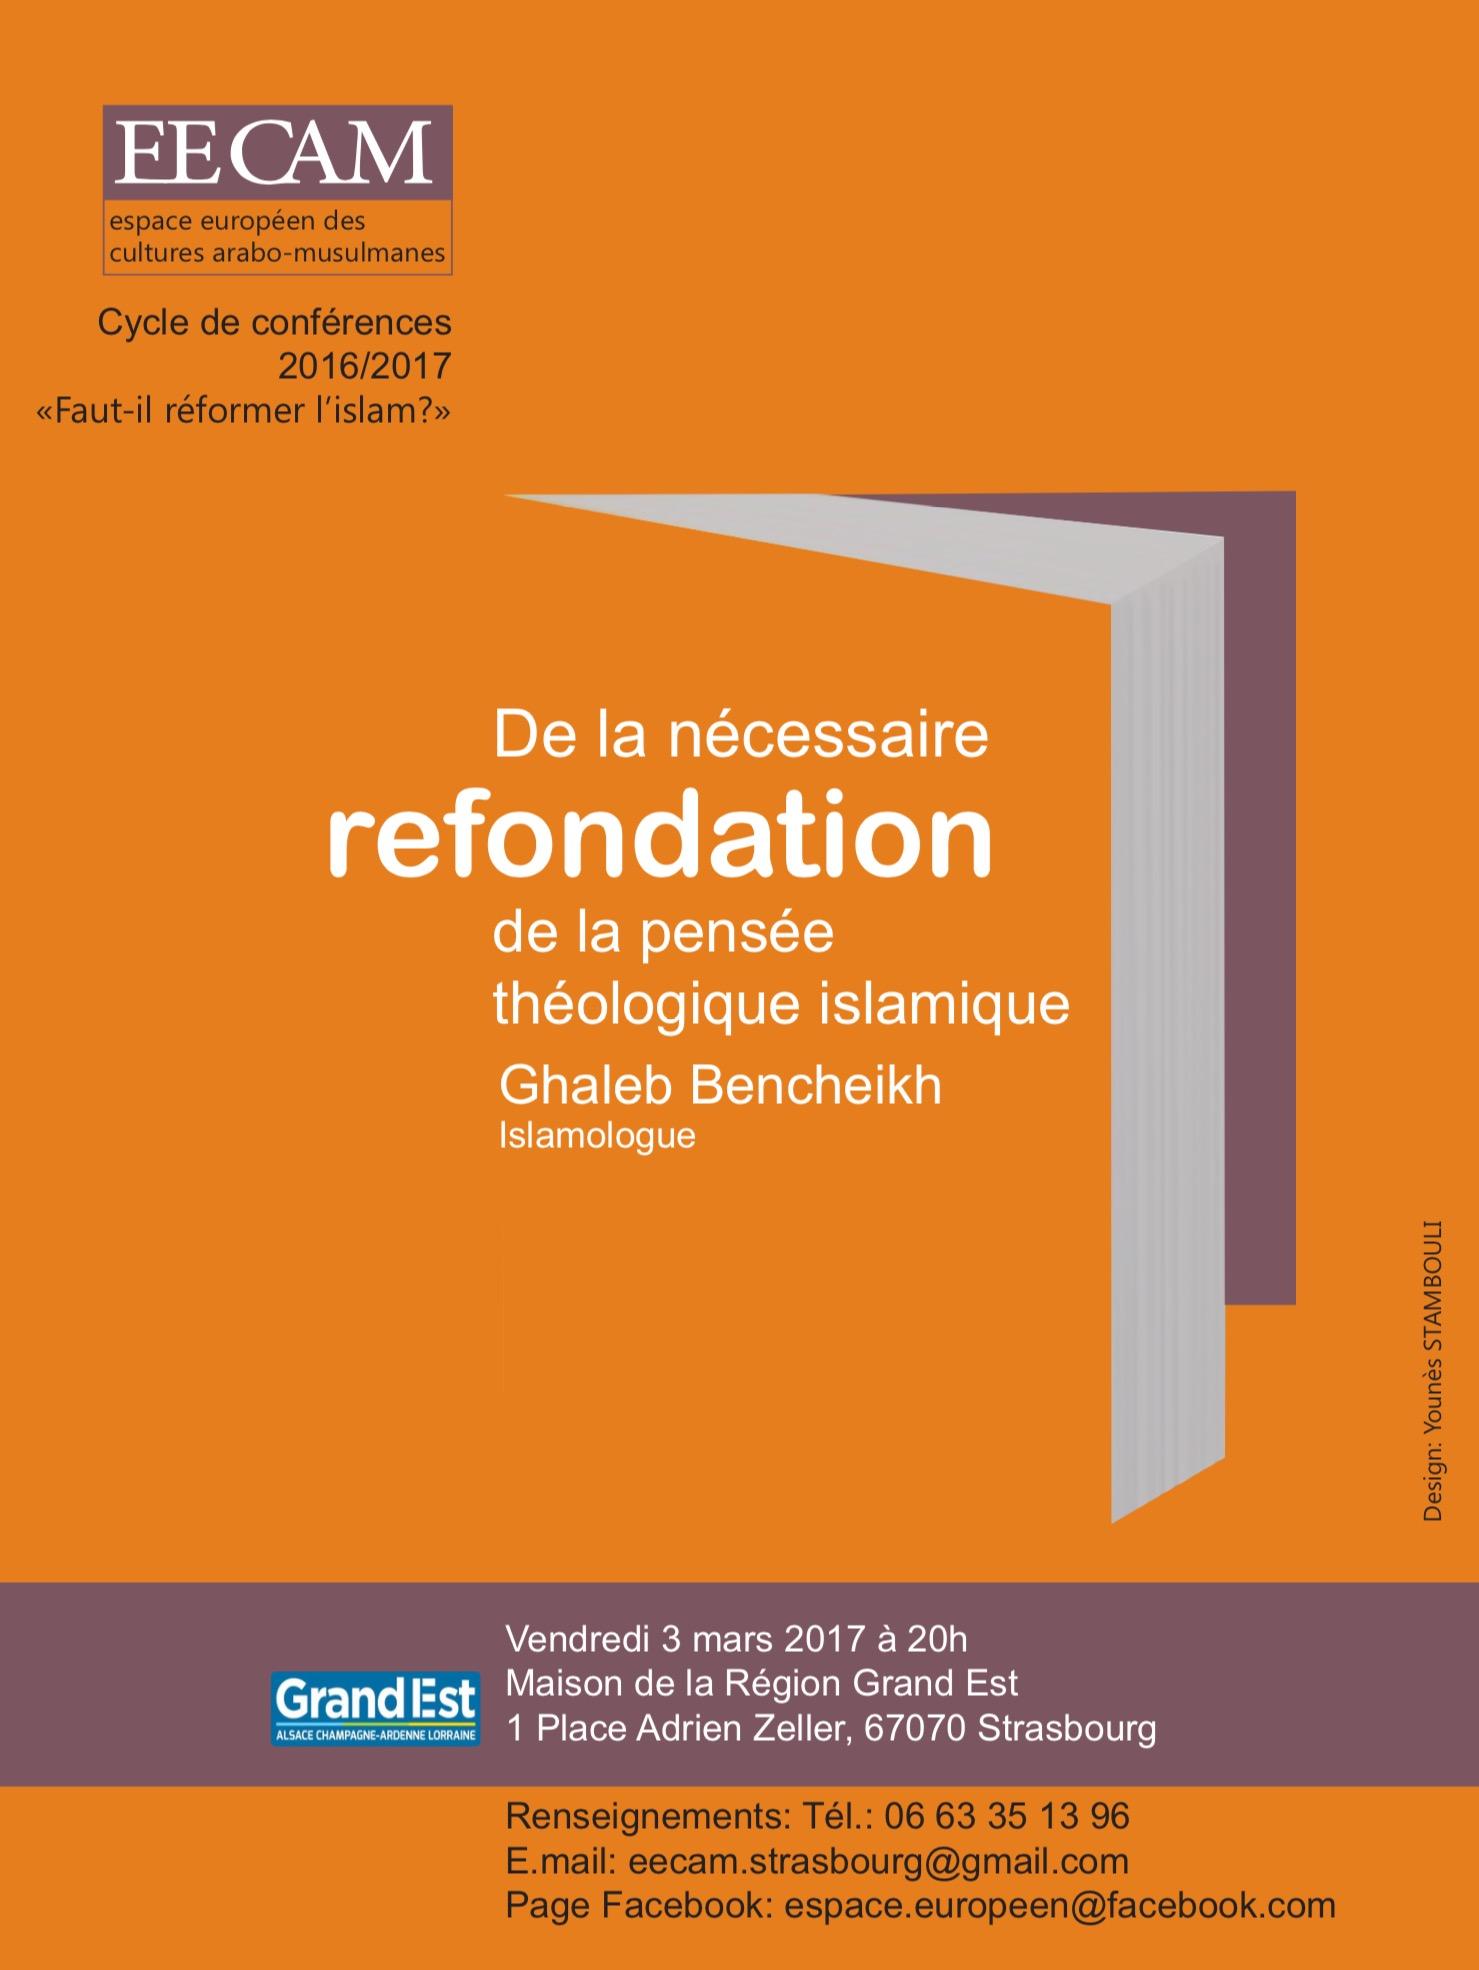 http://www.saphirnews.com/agenda/De-la-necessaire-refondation-de-la-pensee-theologique-islamique_ae474640.html